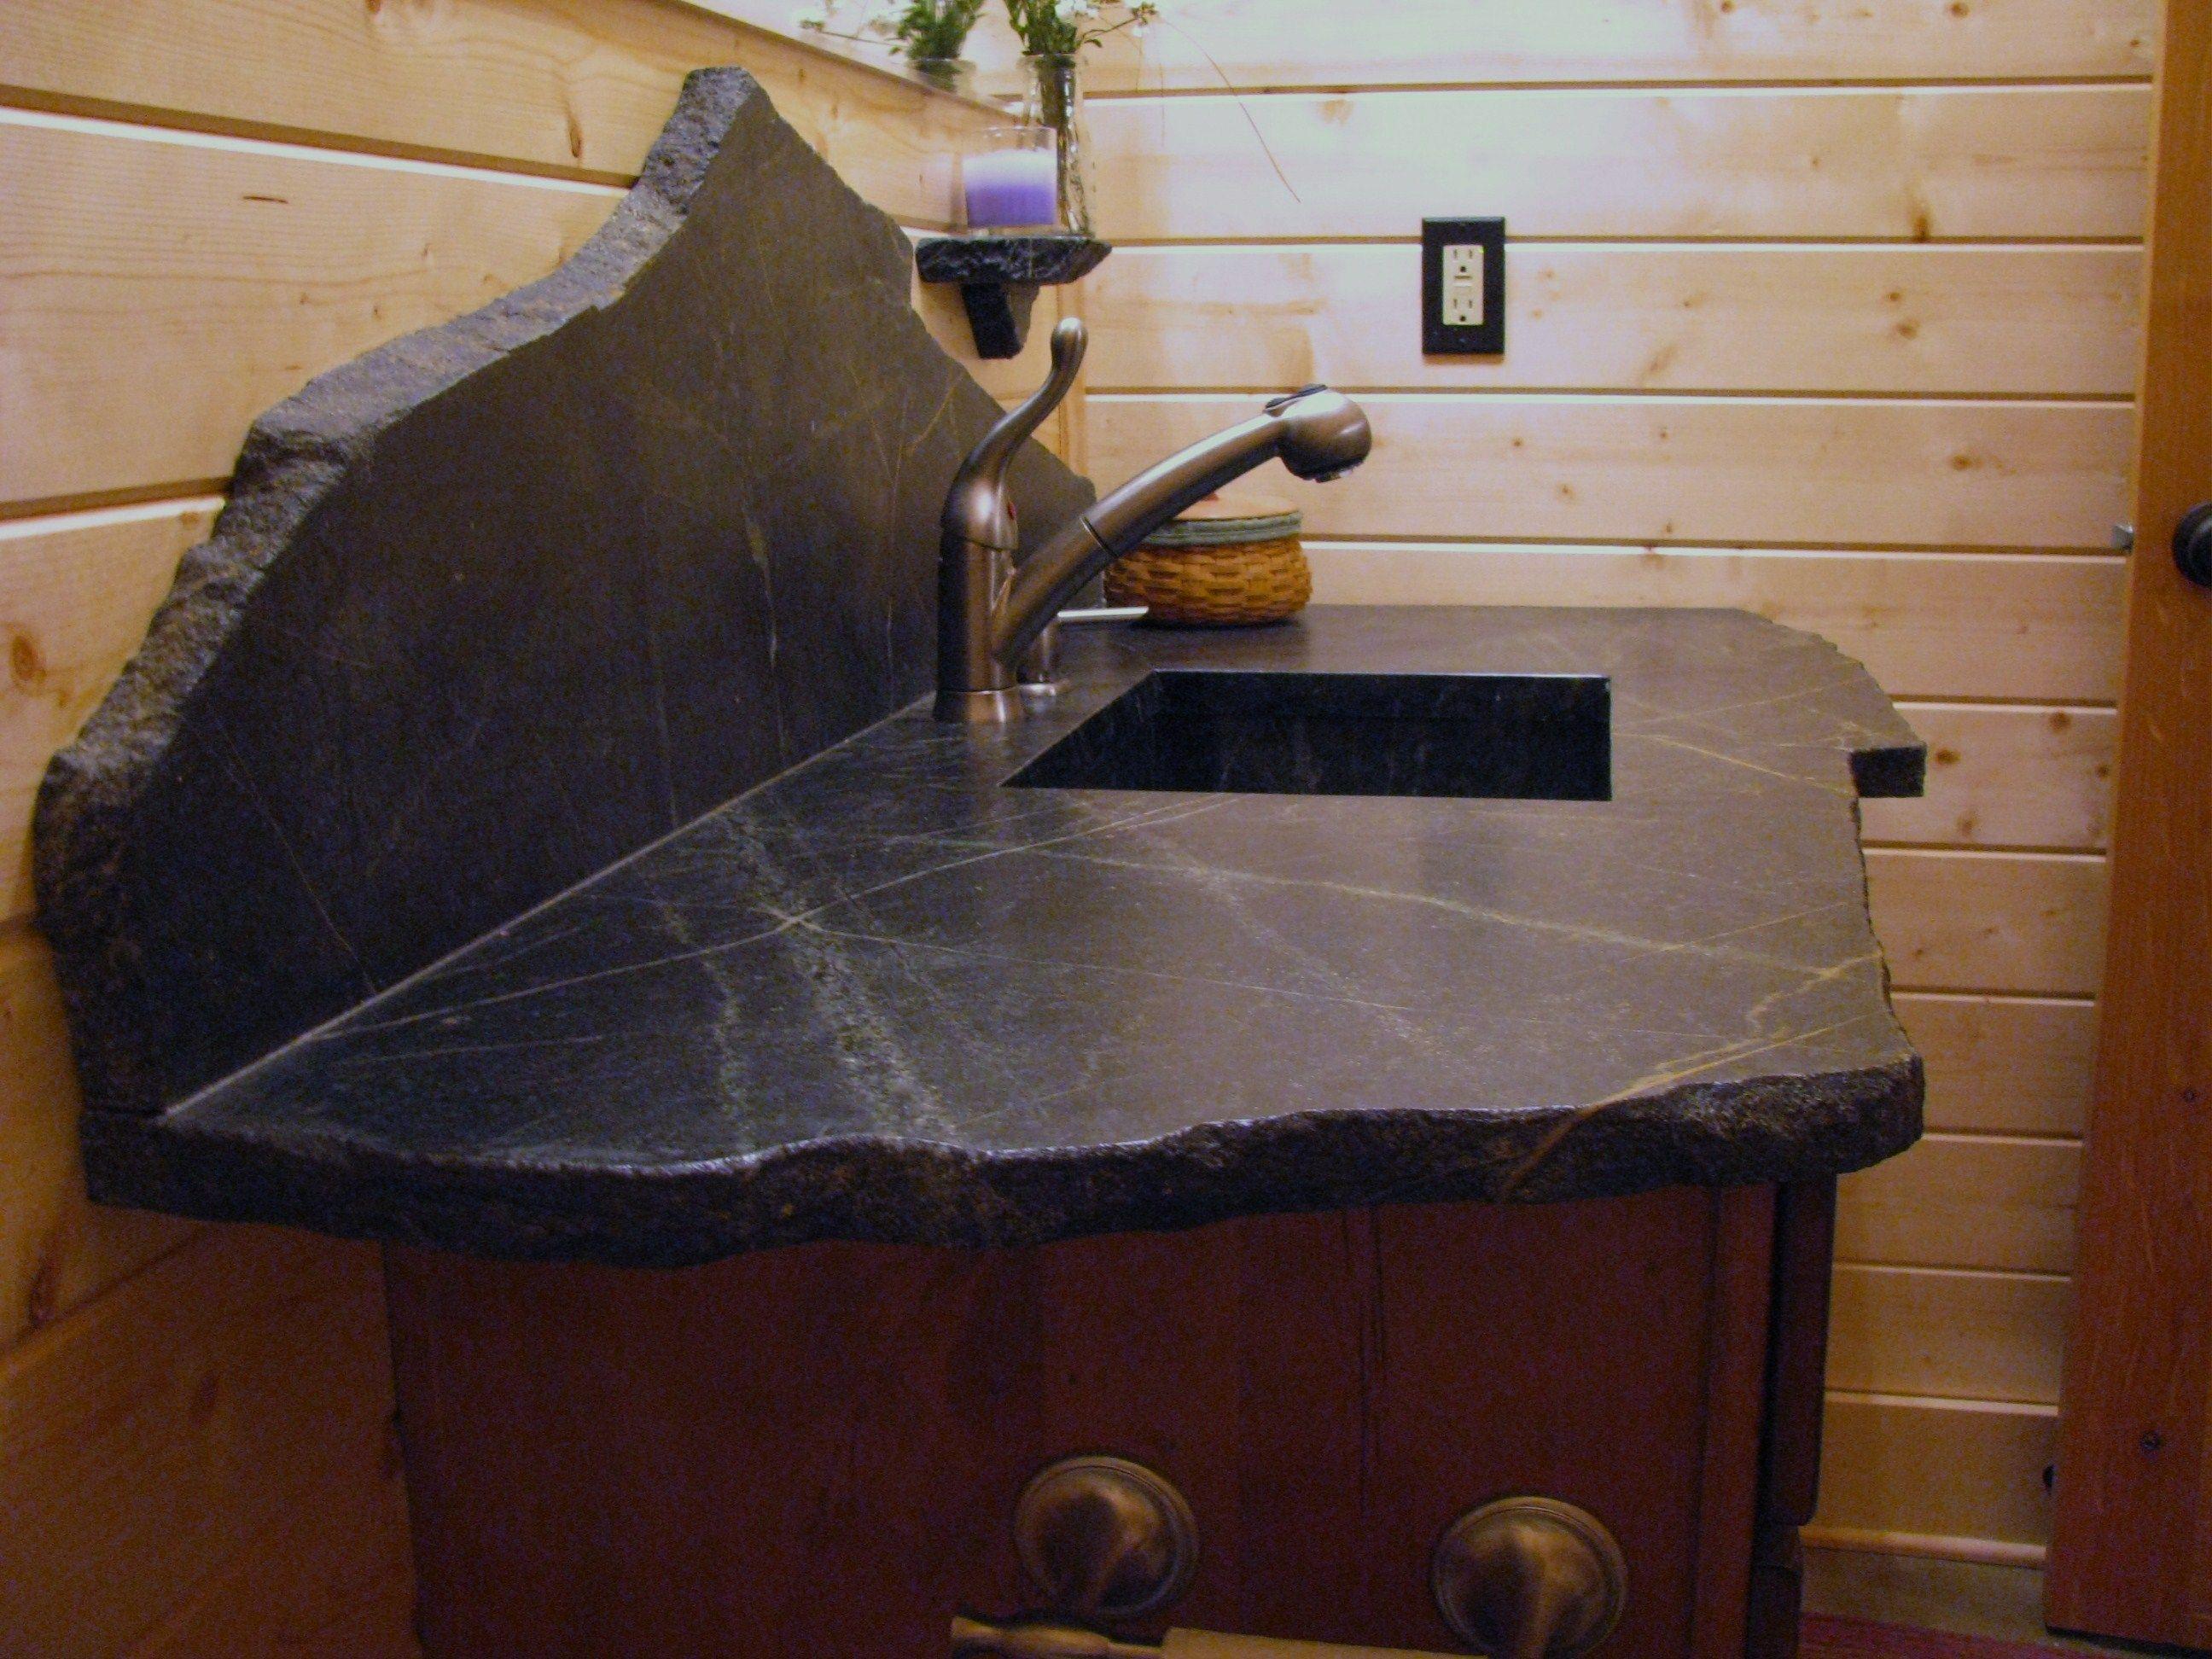 Saratoga Soapstone Creative Vanity Bathroom Countertops Kitchen